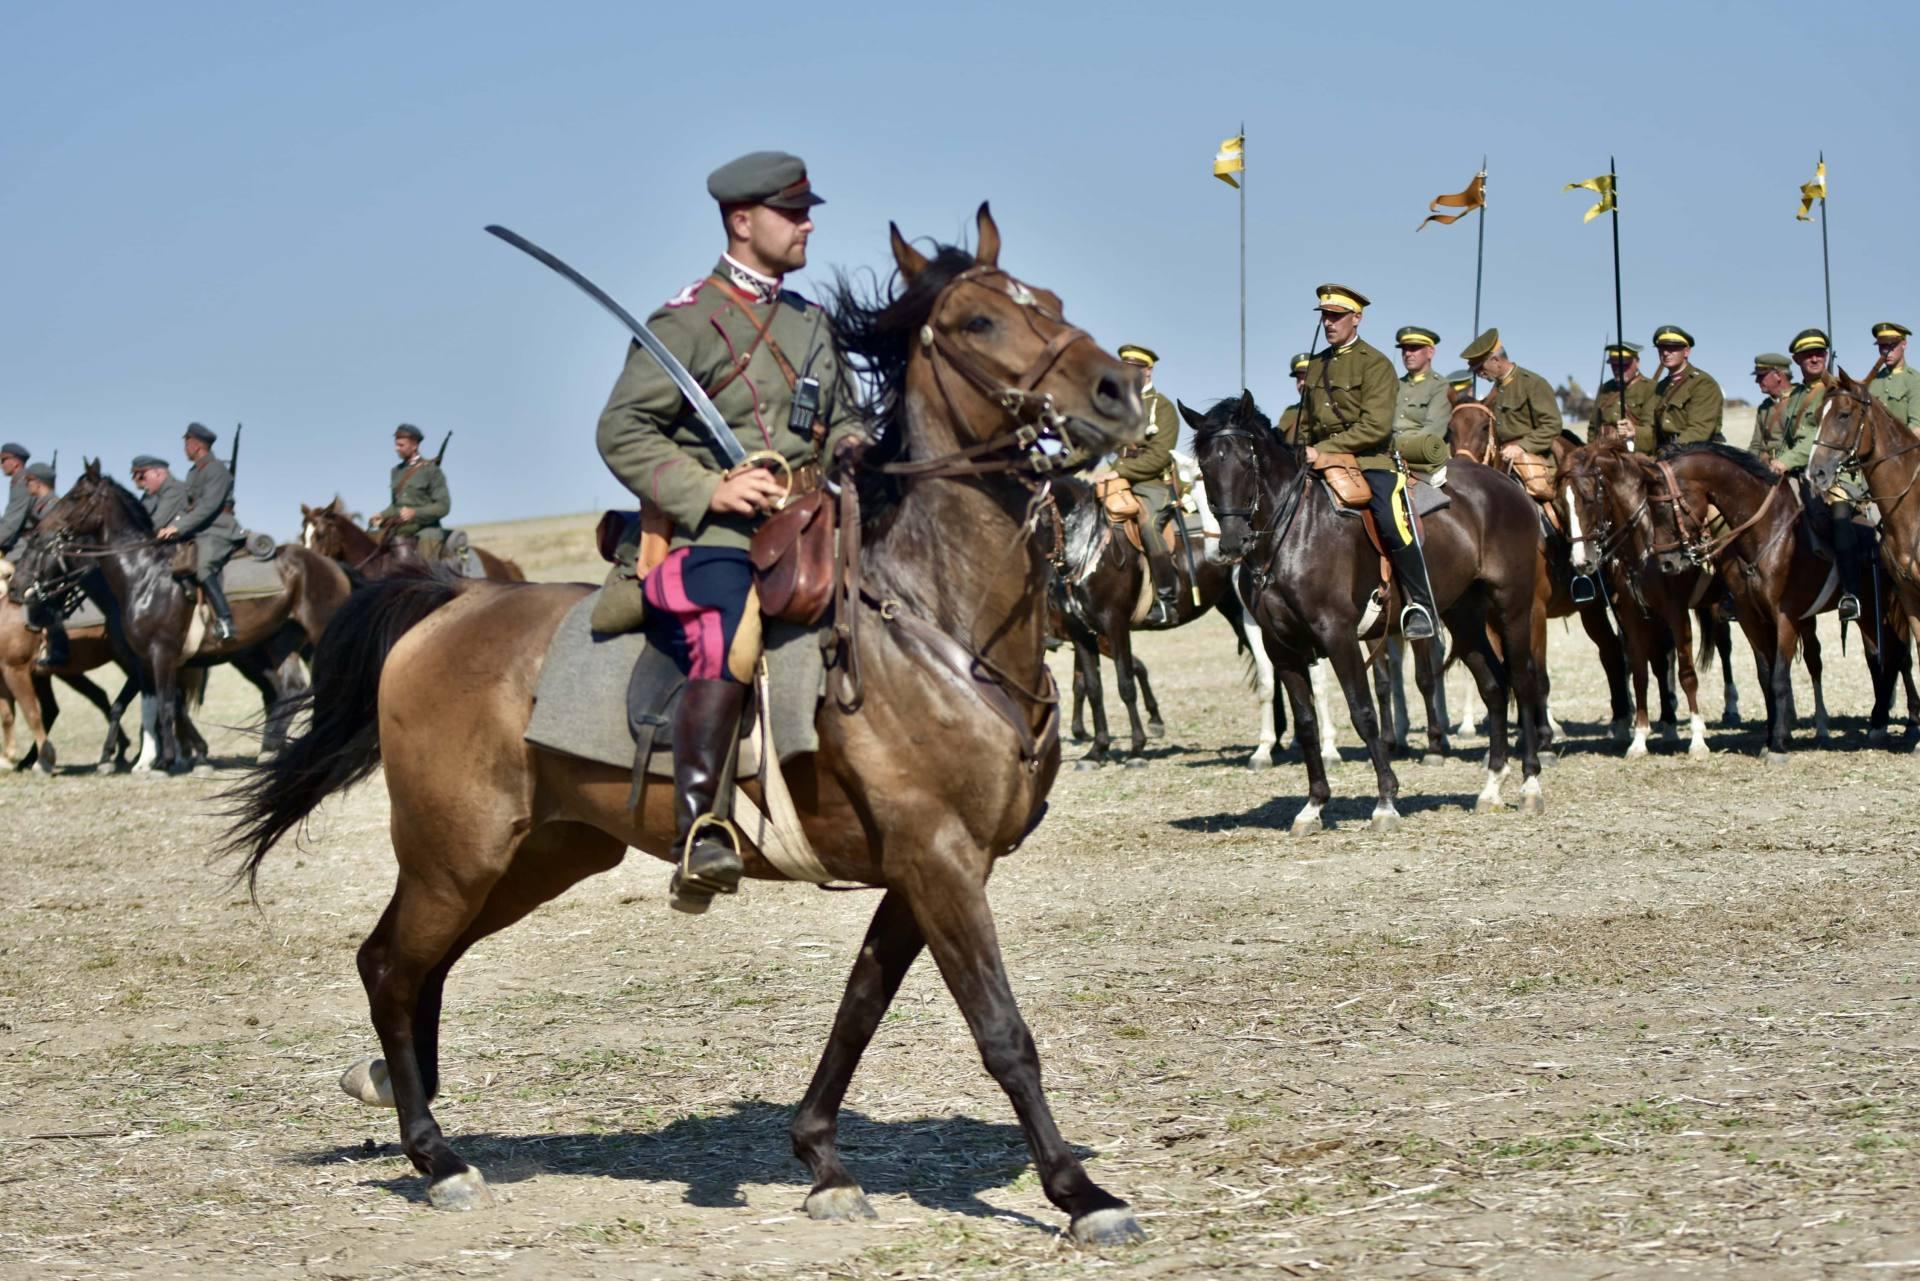 dsc 1175 Czas szabli - 100 rocznica bitwy pod Komarowem(zdjęcia)